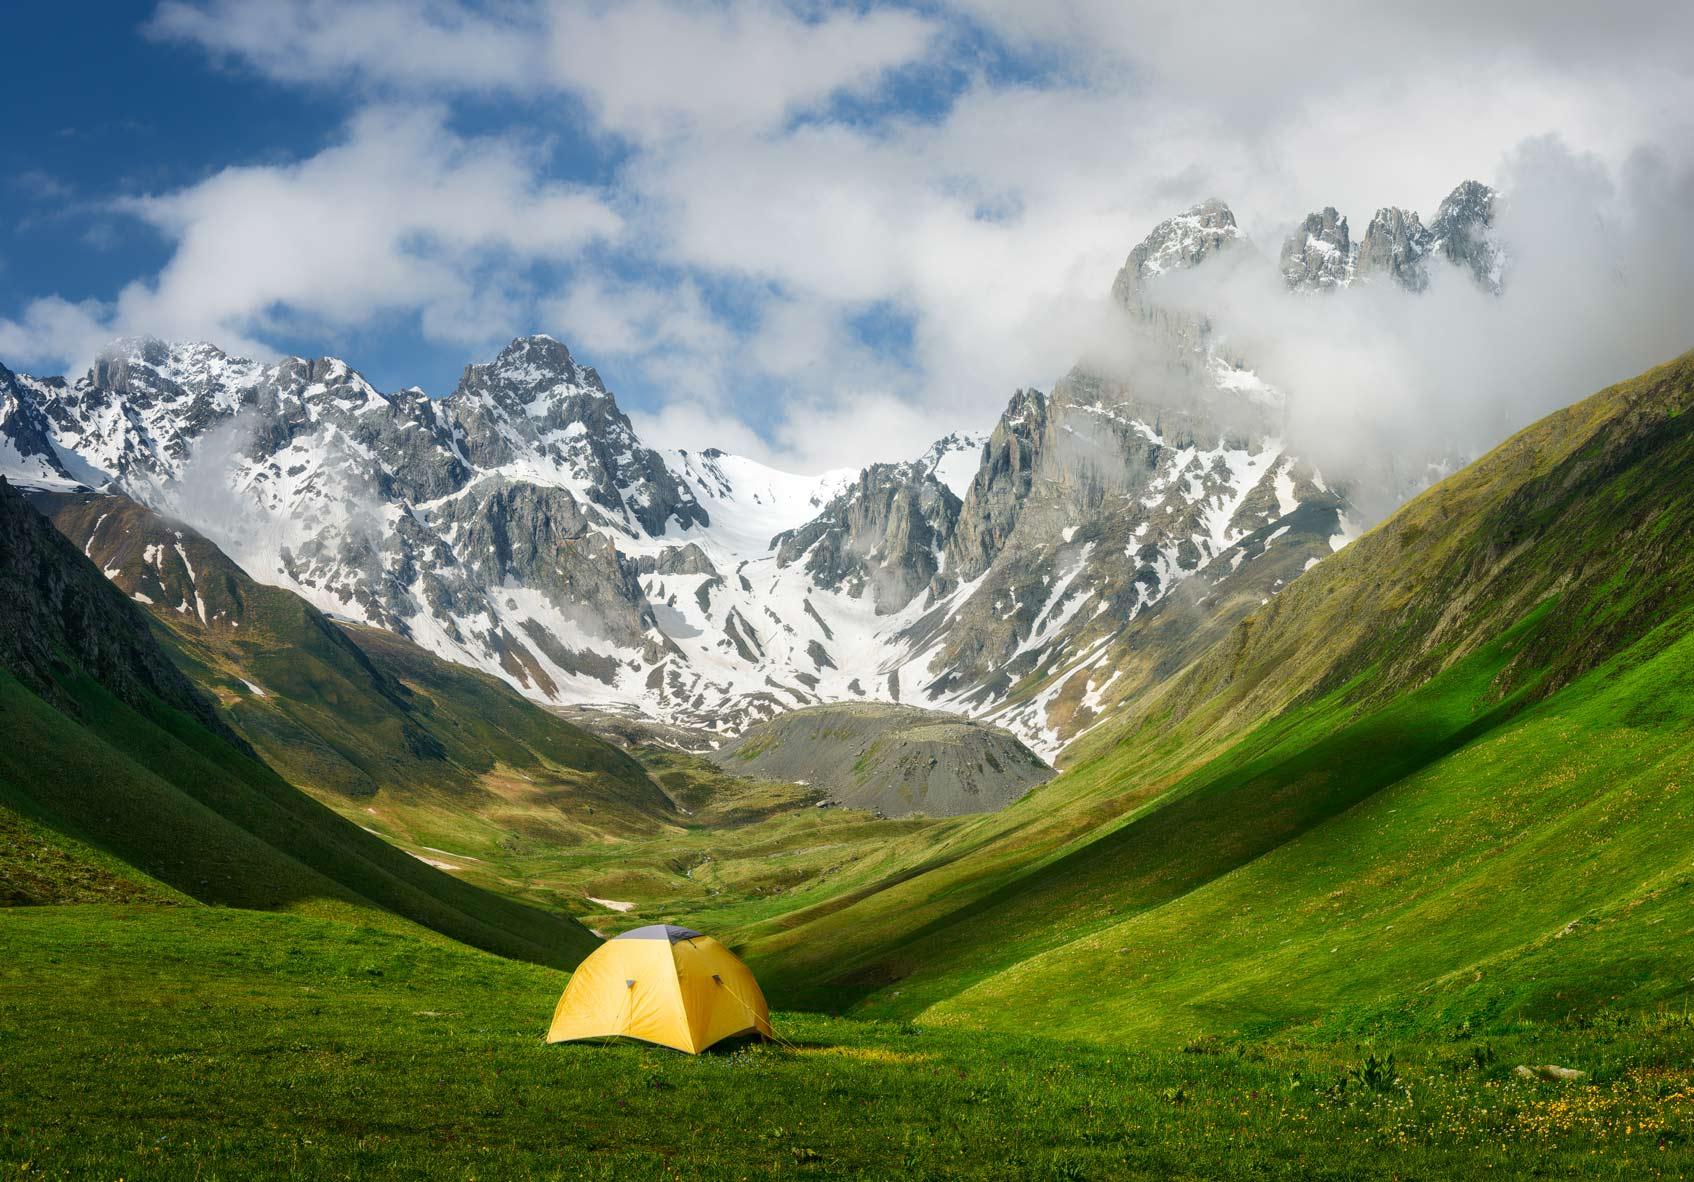 Горный пейзаж в национальном парке Казбеги